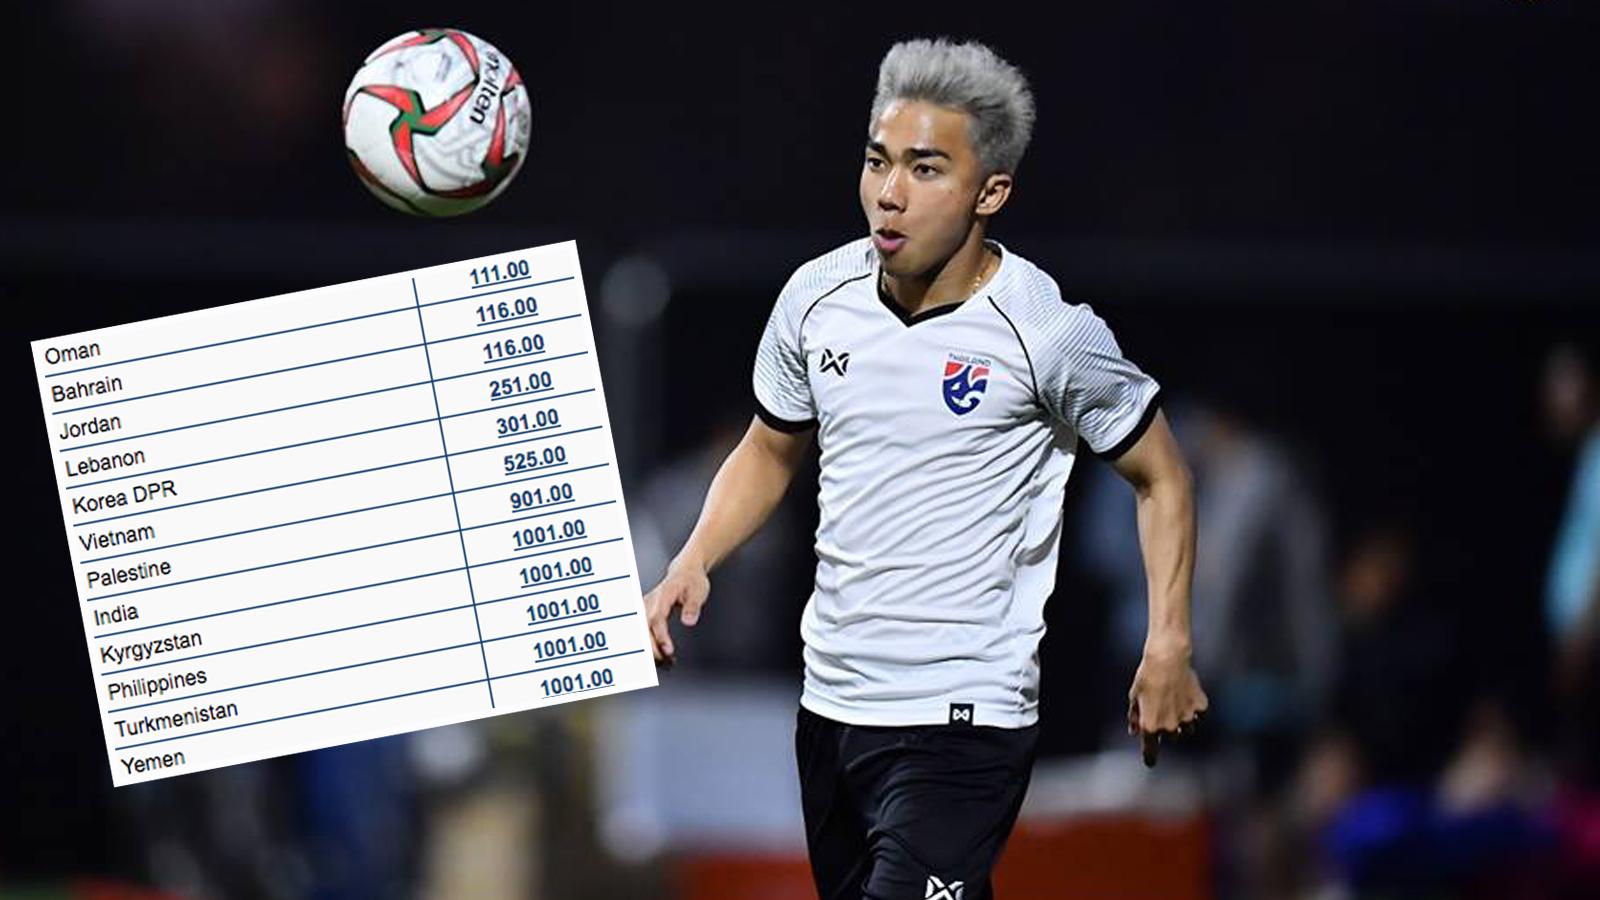 ทีมชาติไทย เอเชียนคัพ 2019